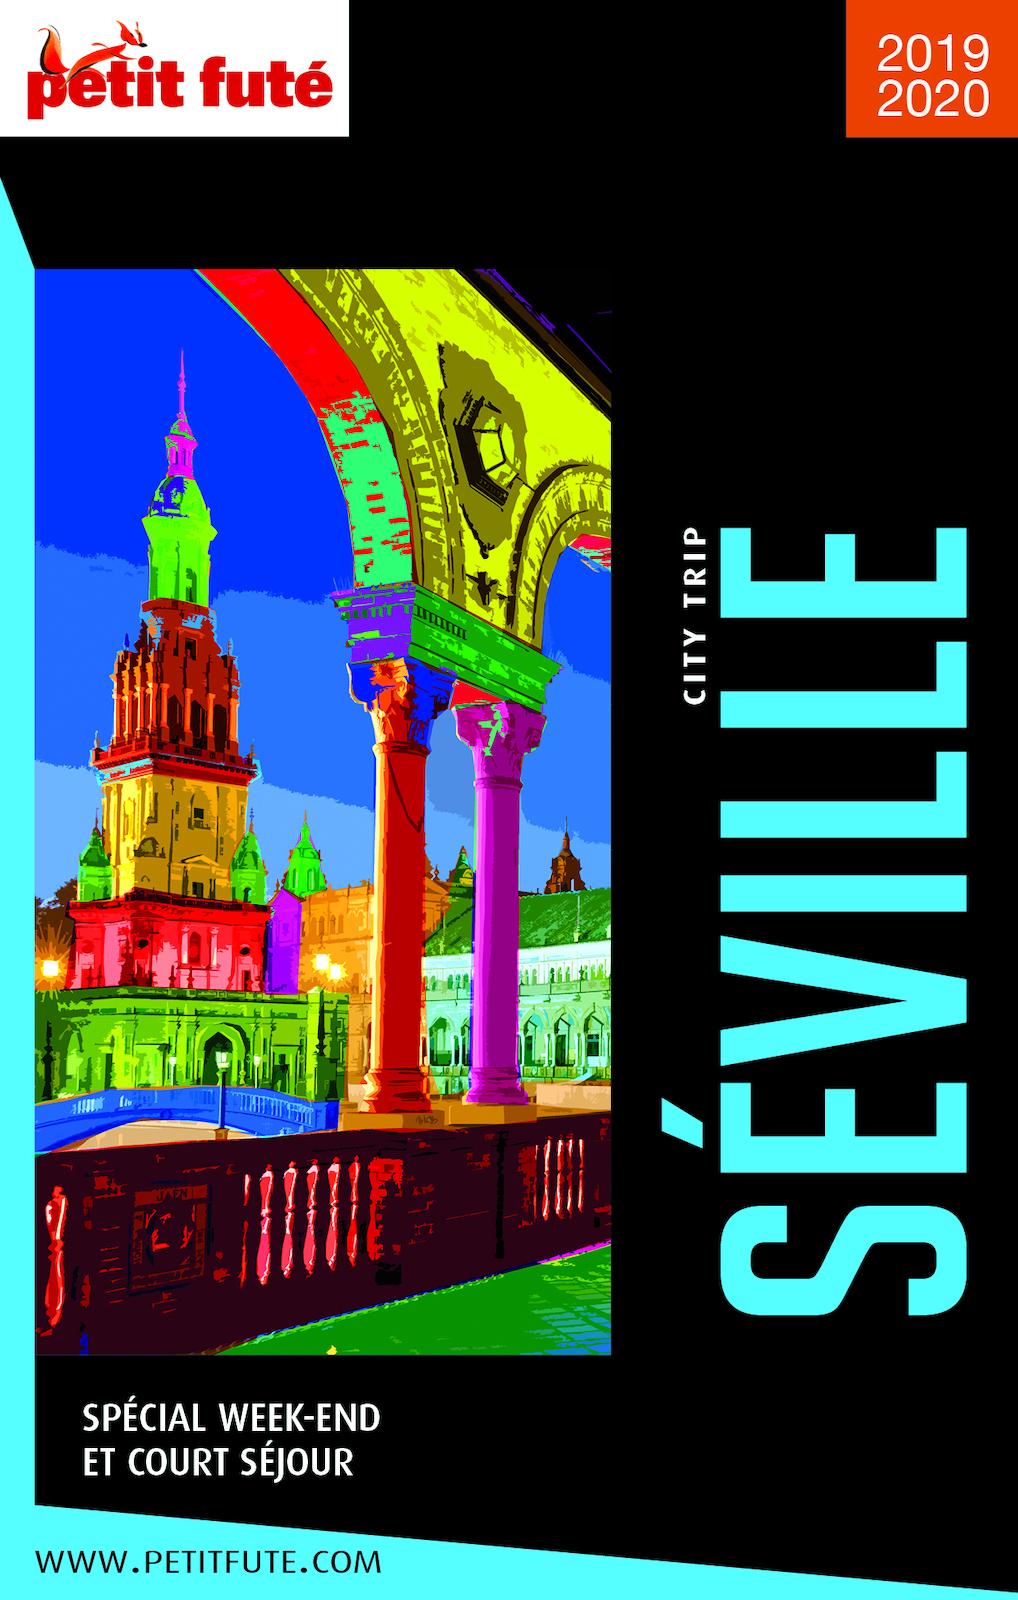 SÉVILLE CITY TRIP 2019/2020 City trip Petit Futé